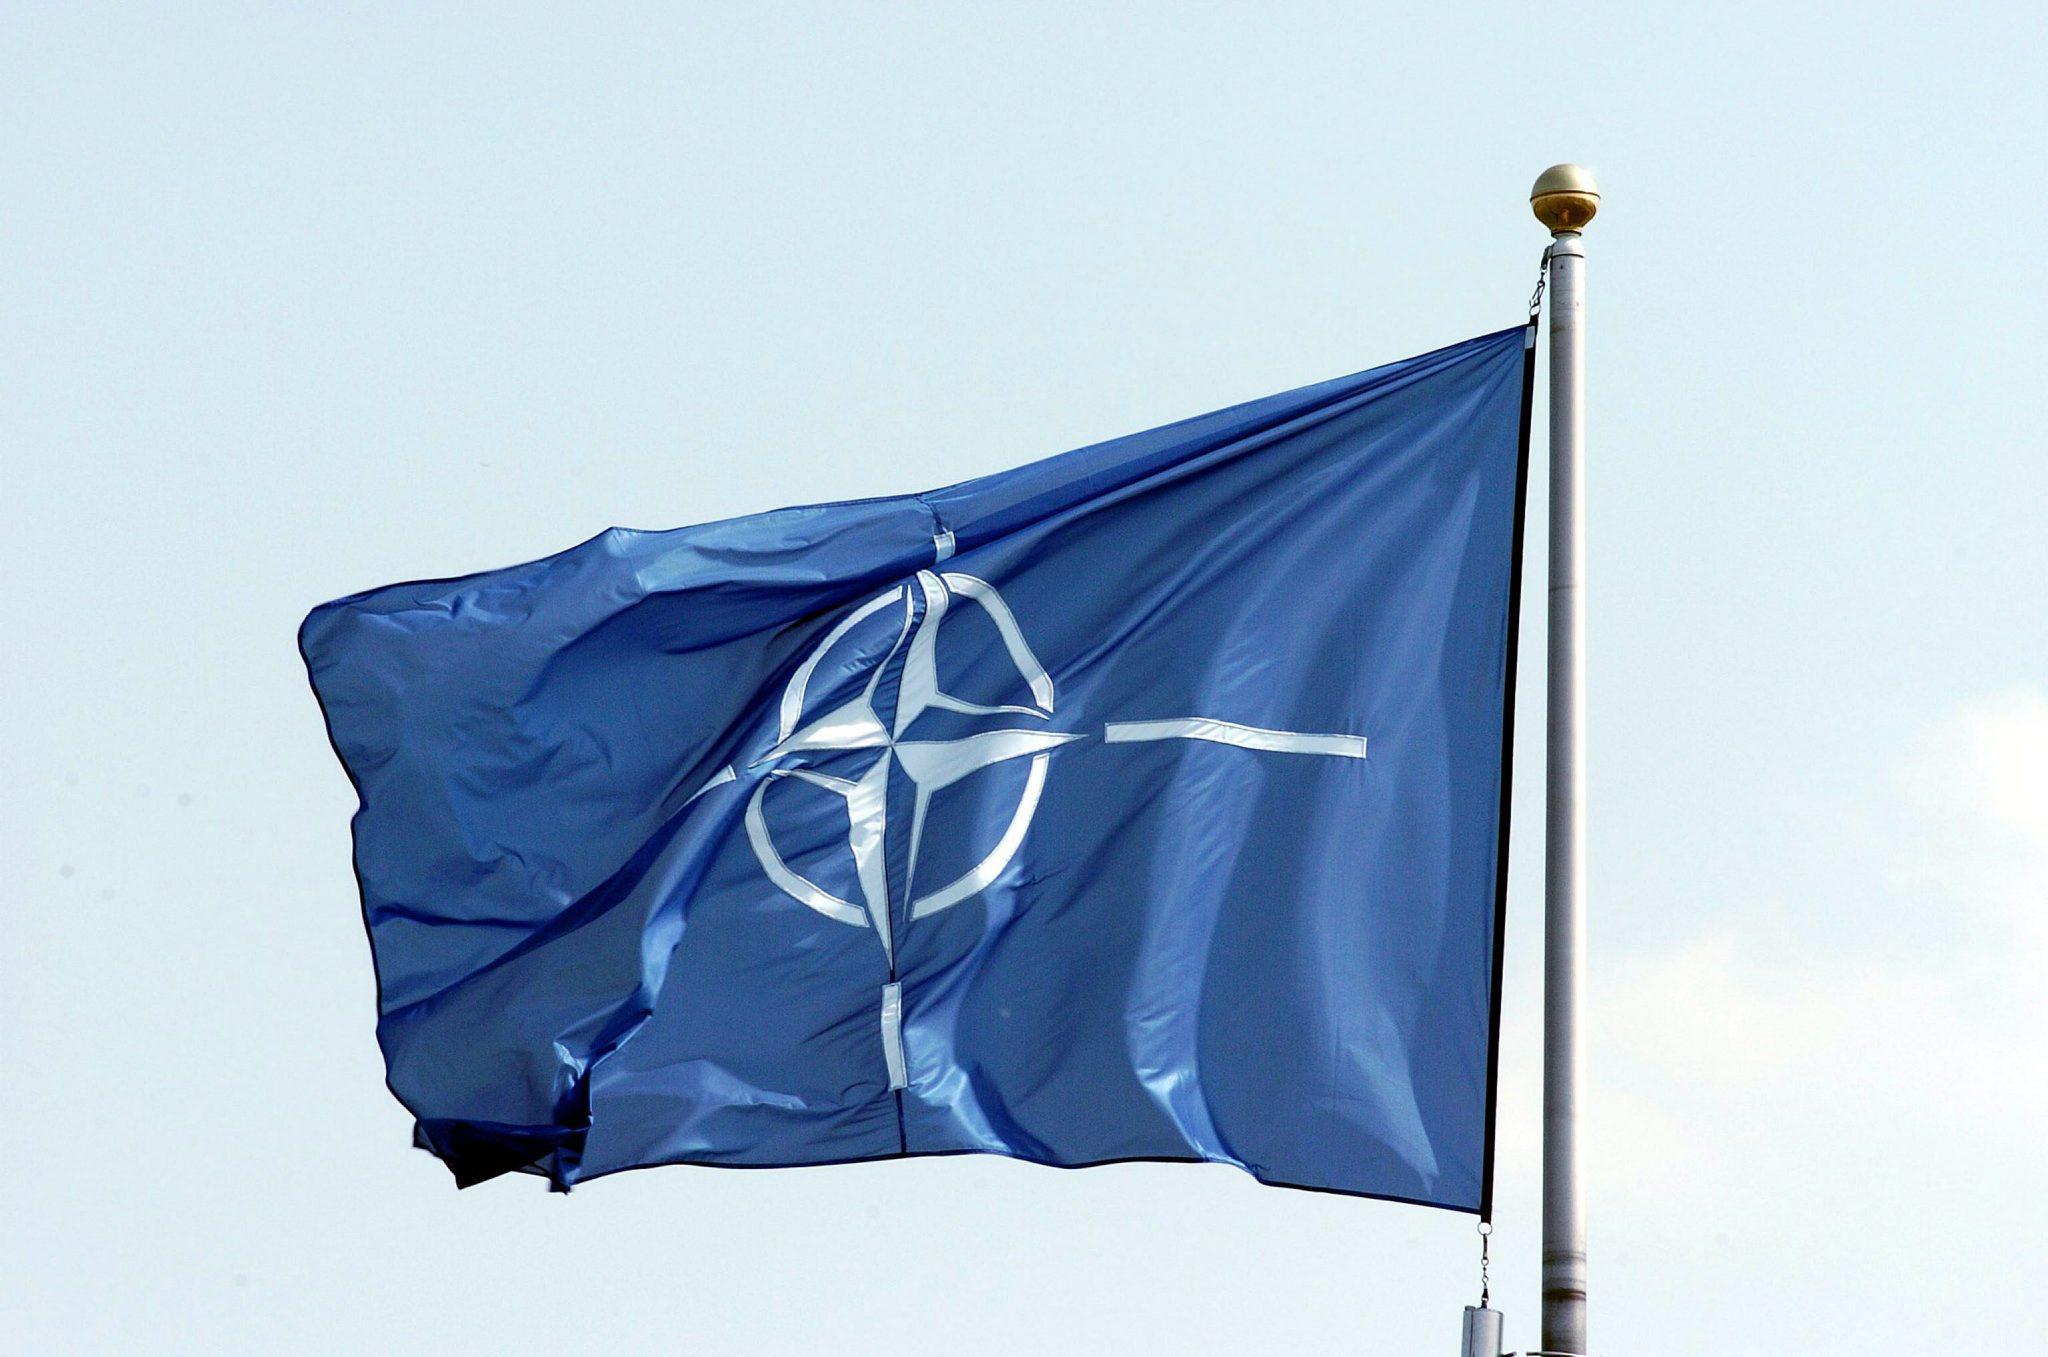 Portugal apoia debate sobre futuro da NATO mas sem enfraquecer ou substituir organização